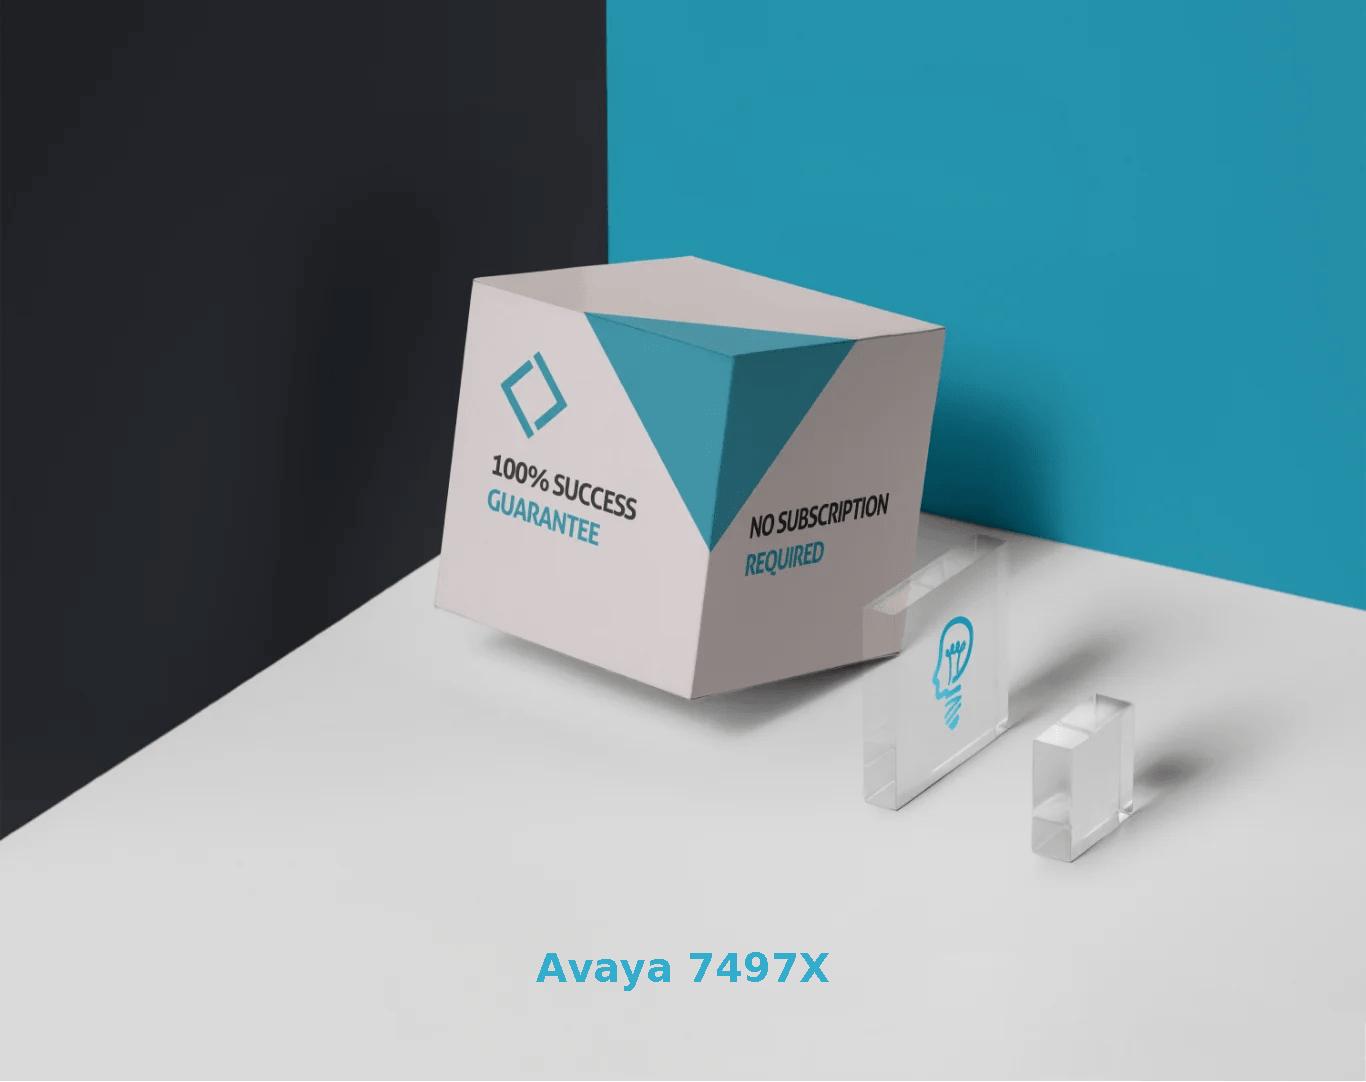 Avaya 7497X Exams